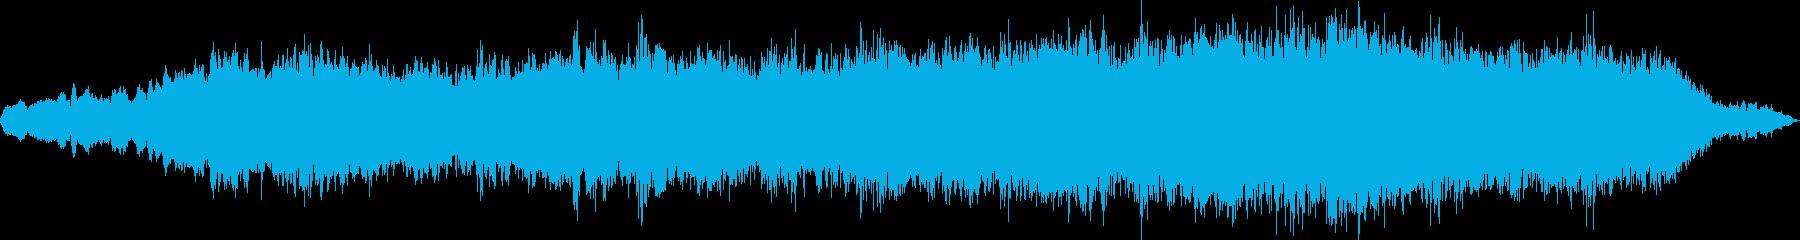 アンビエントな癒されるヒーリング音楽の再生済みの波形